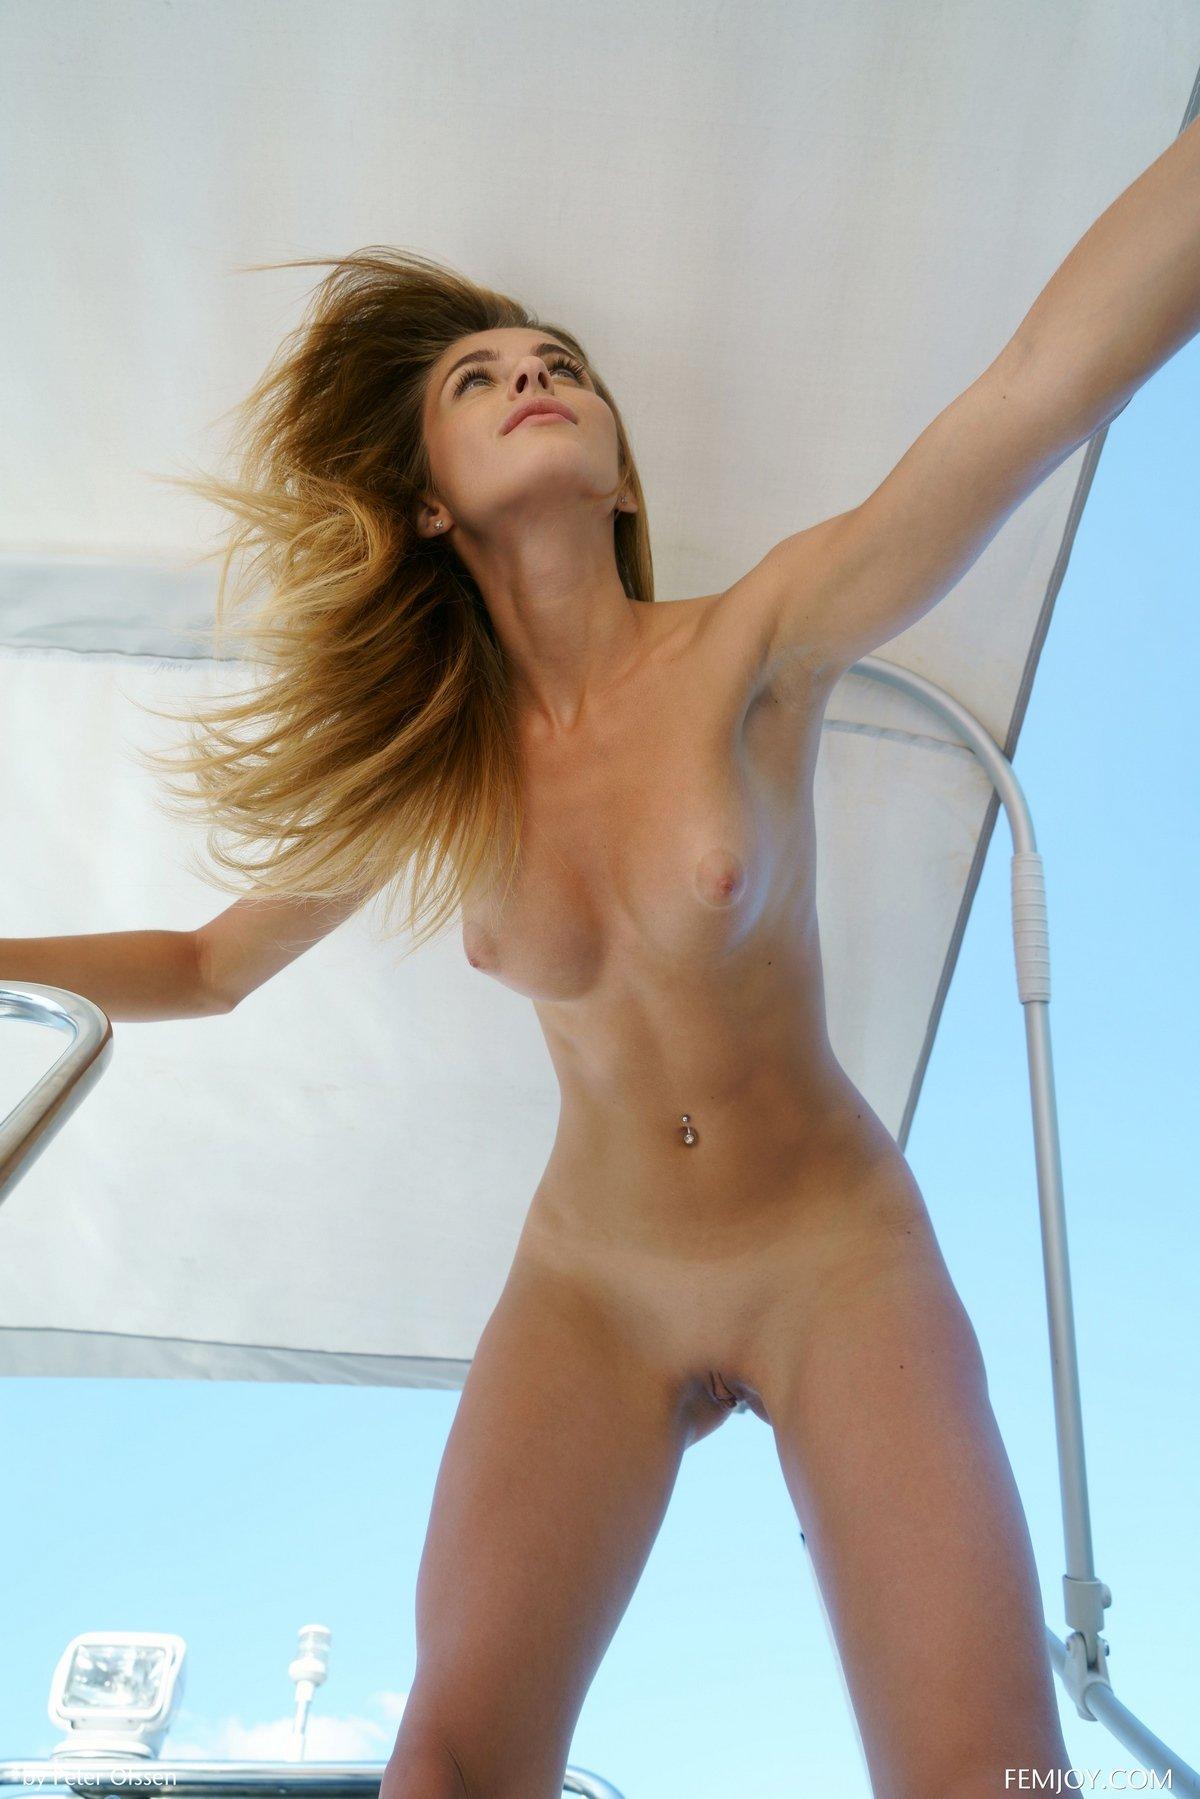 Чика скинула купальник на яхте смотреть эротику